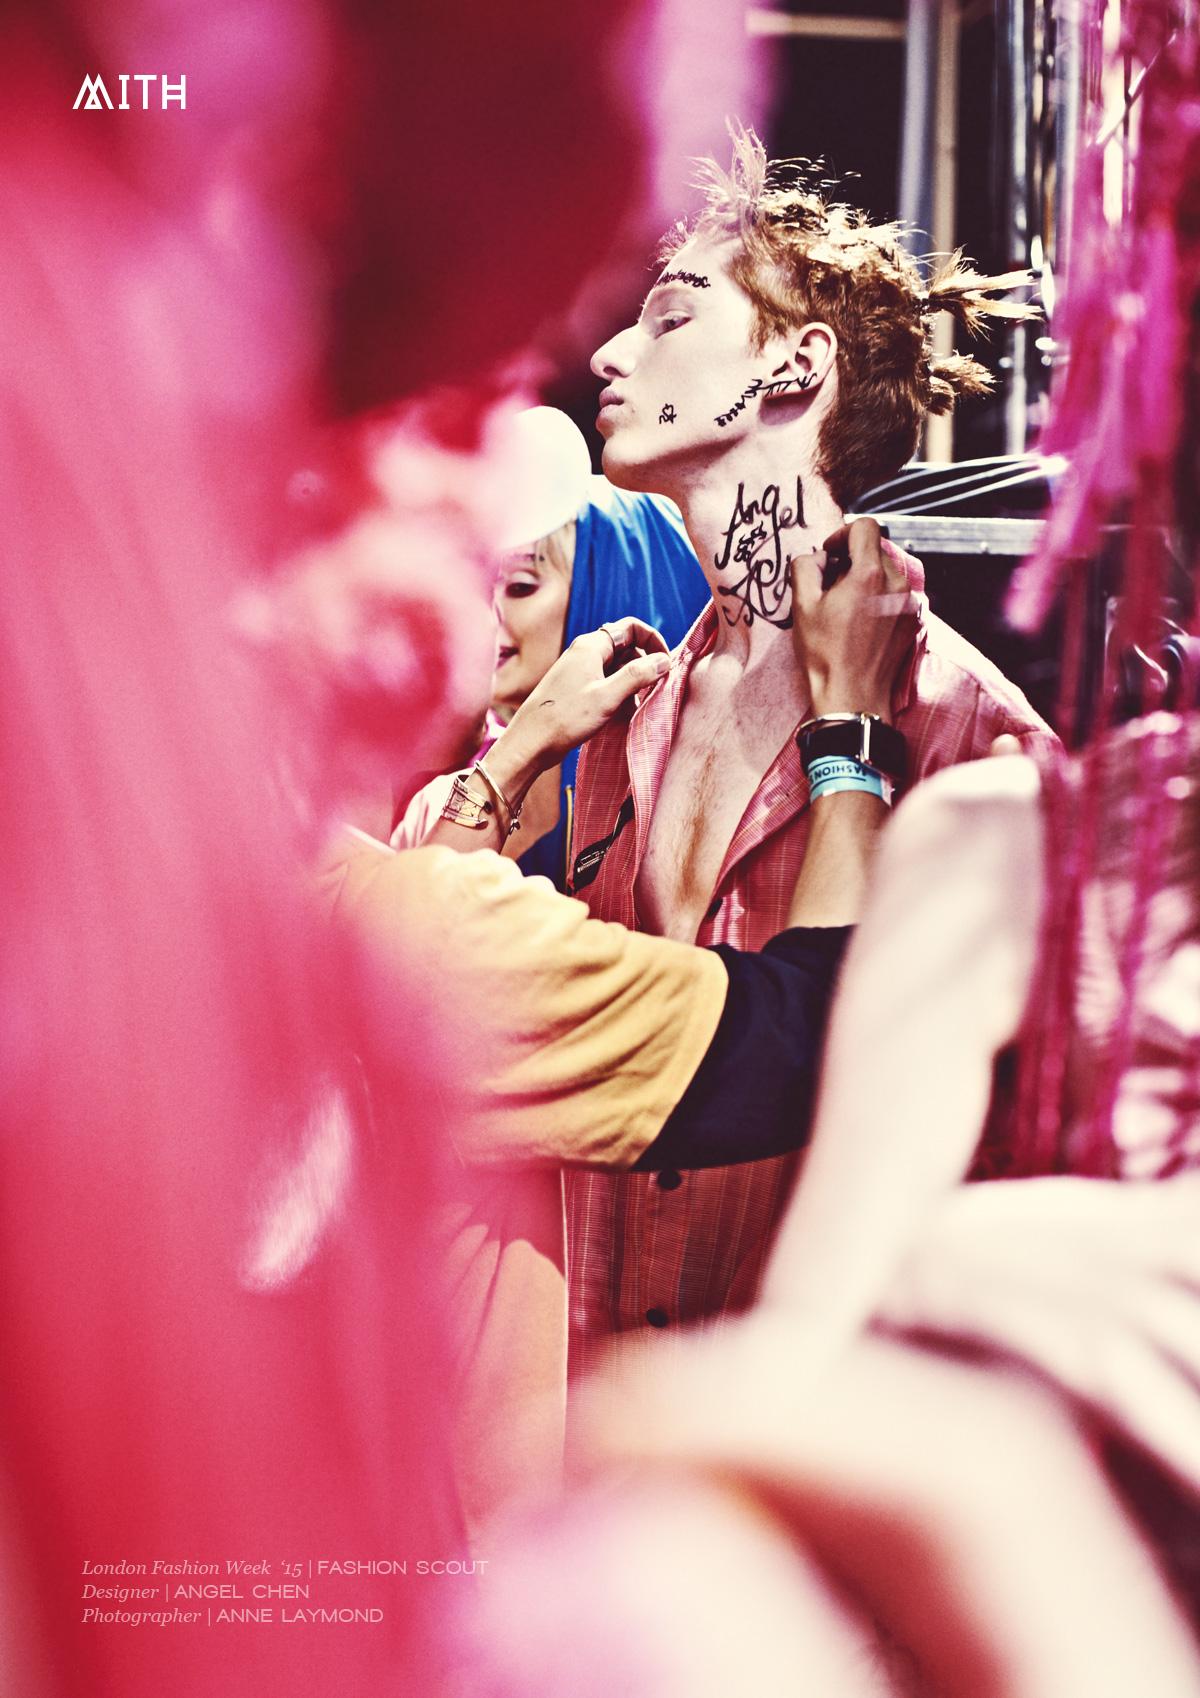 MITH_AngelChen_FashionScout_OTW_Anne_Laymond_C097035